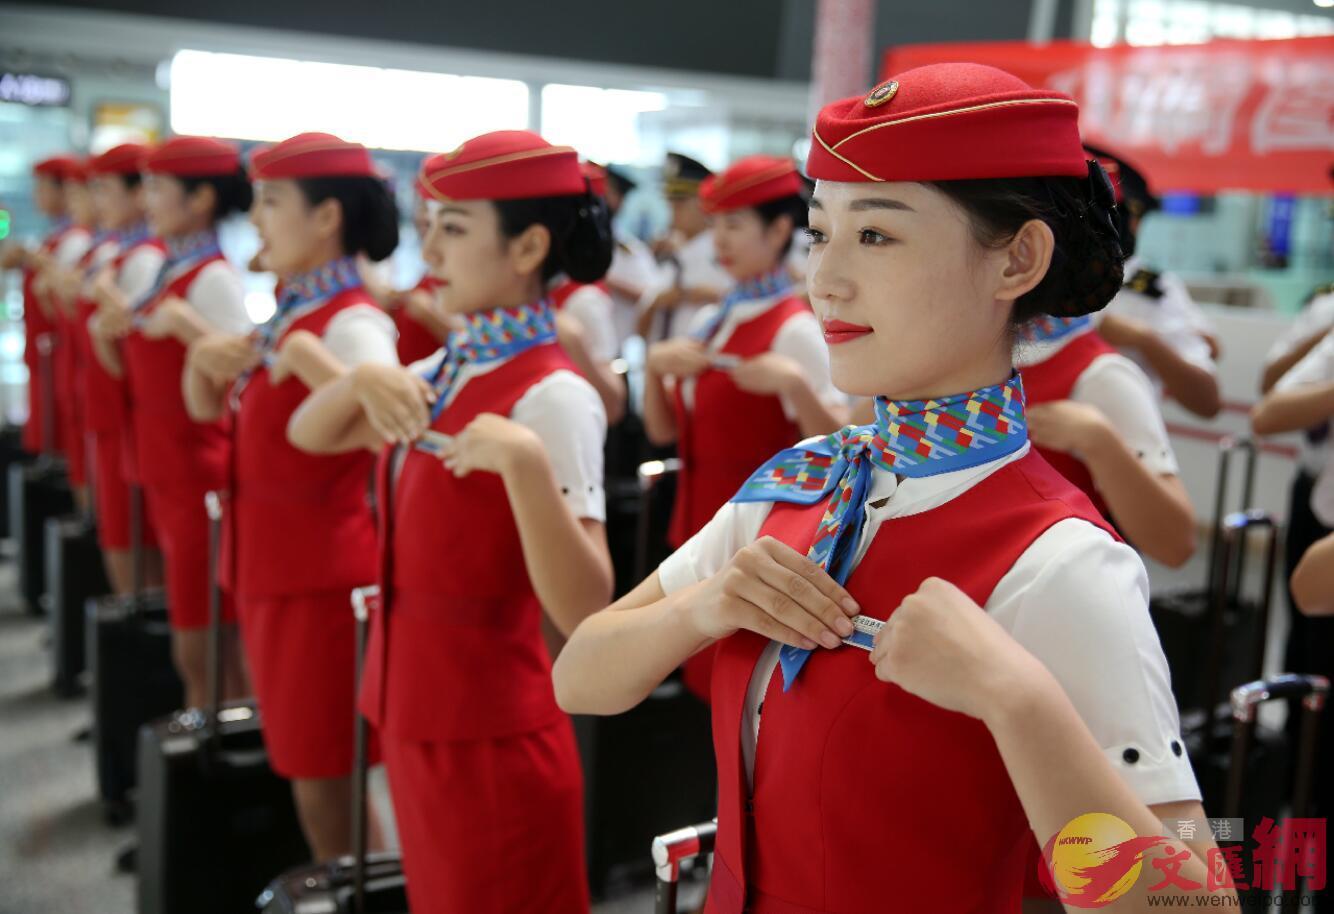 2016年9月8日,「動哥動姐」在西安北站內展示新制服,迎接鄭徐高鐵通車。